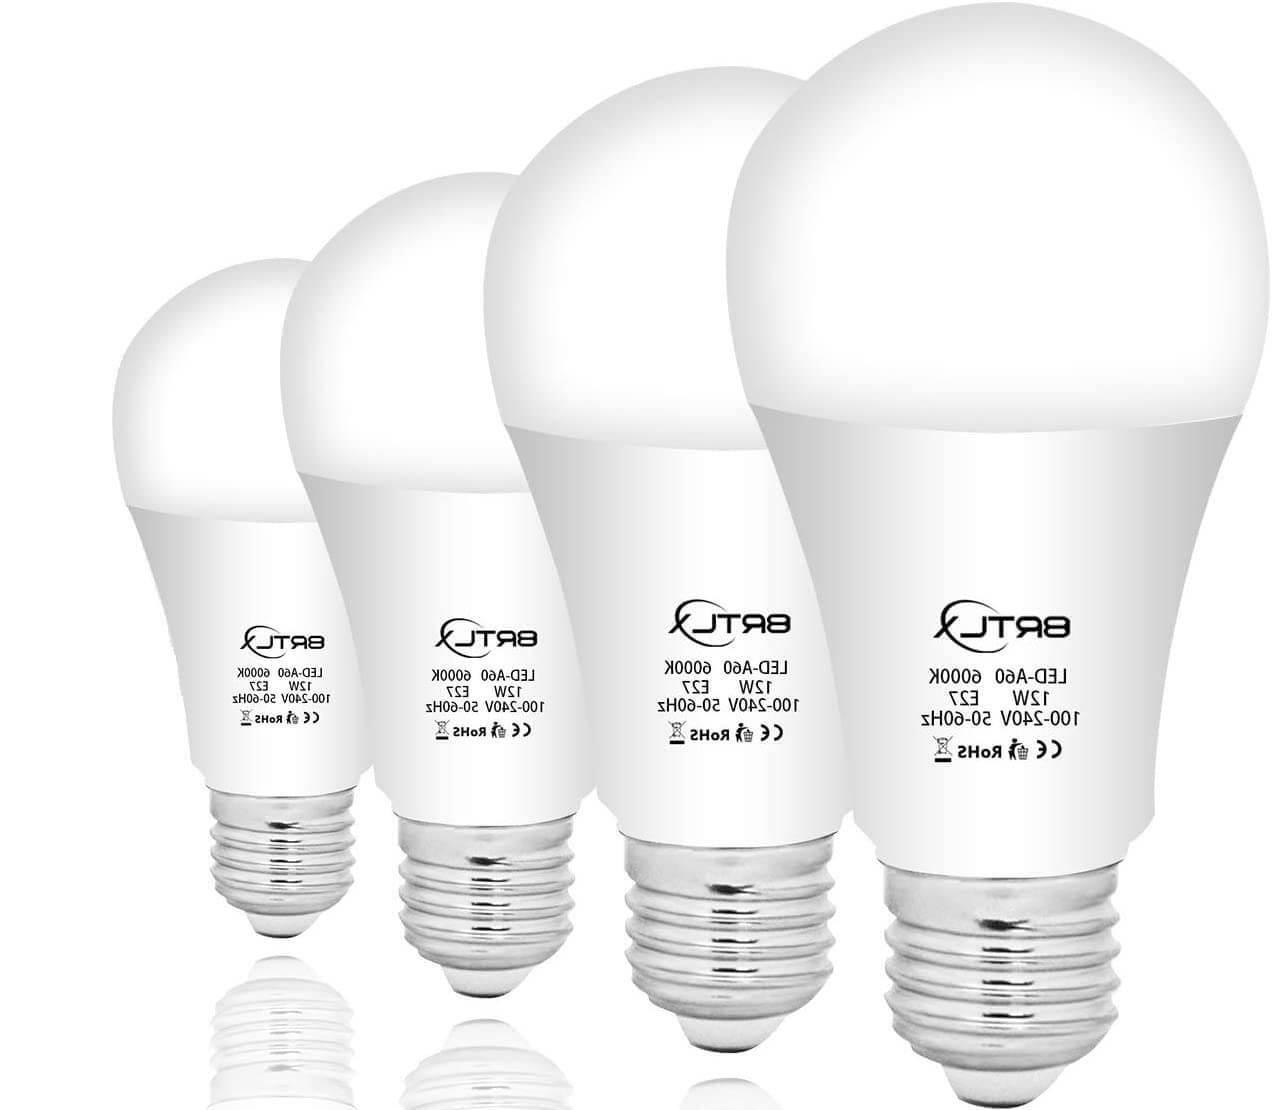 Quel risque si on met une ampoule trop puissante ?